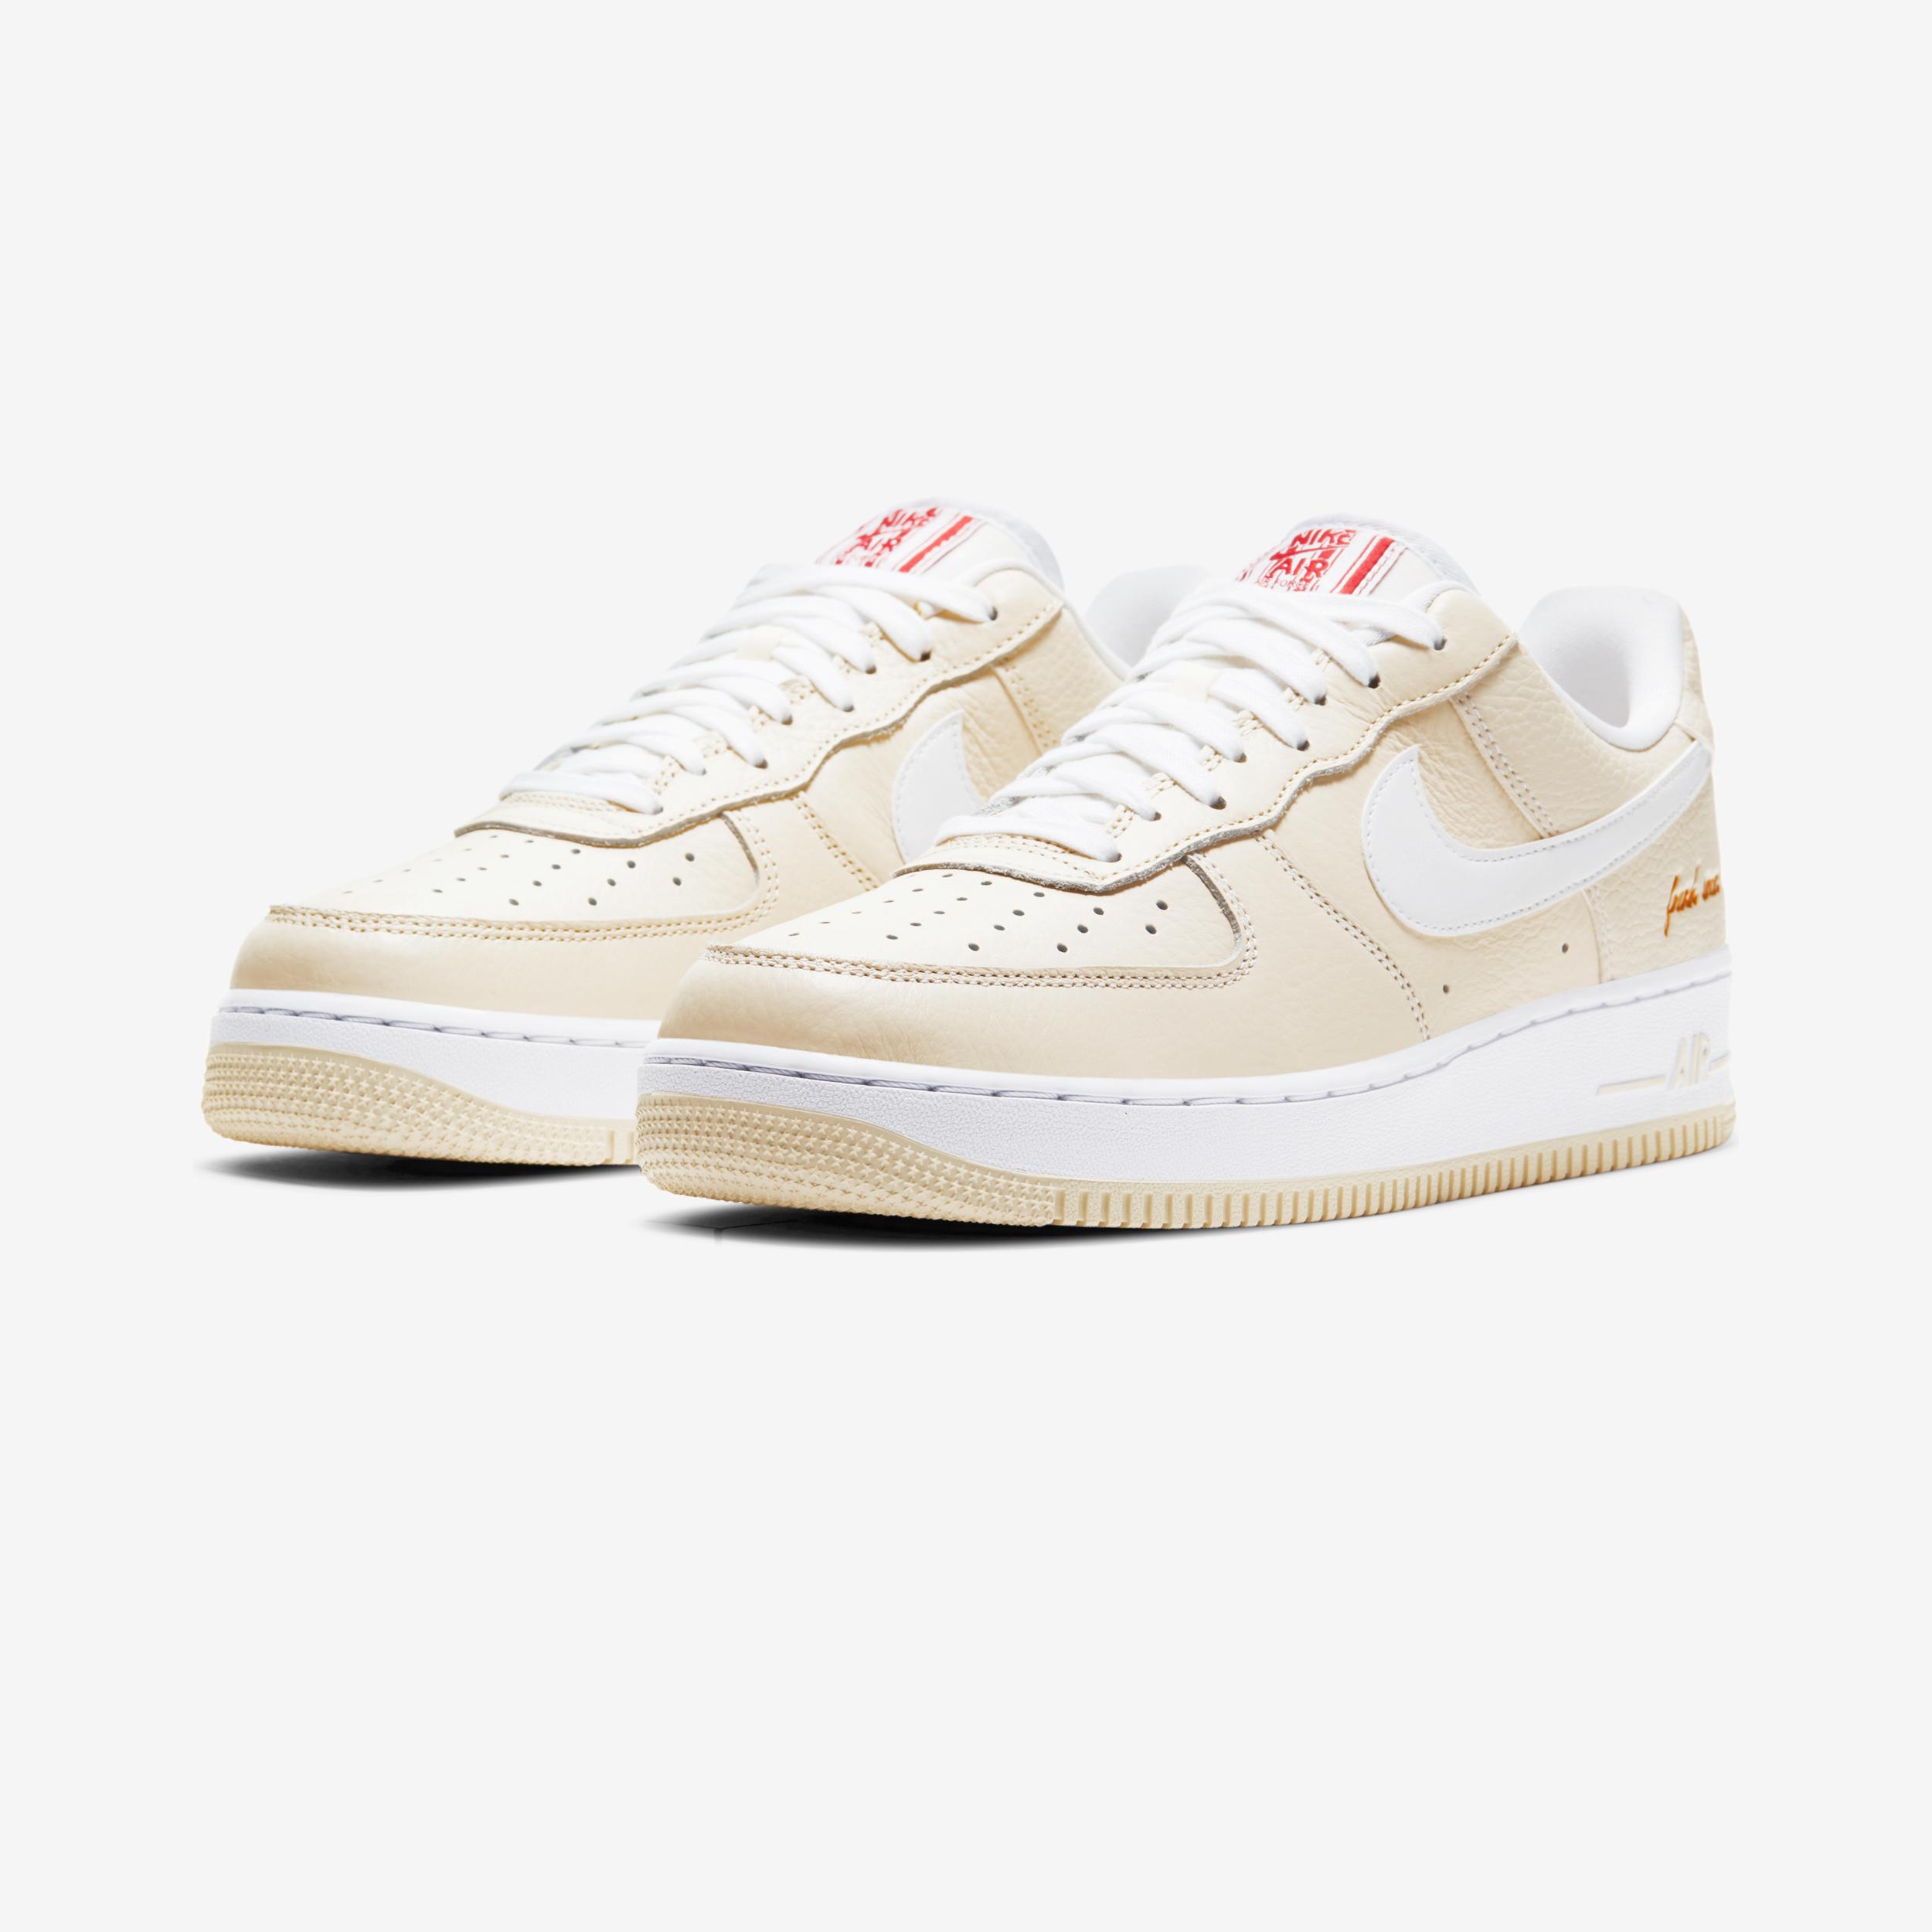 Nike Air Force 1 '07 Prm Emb - Cw2919-100 - SNS | sneakers ...